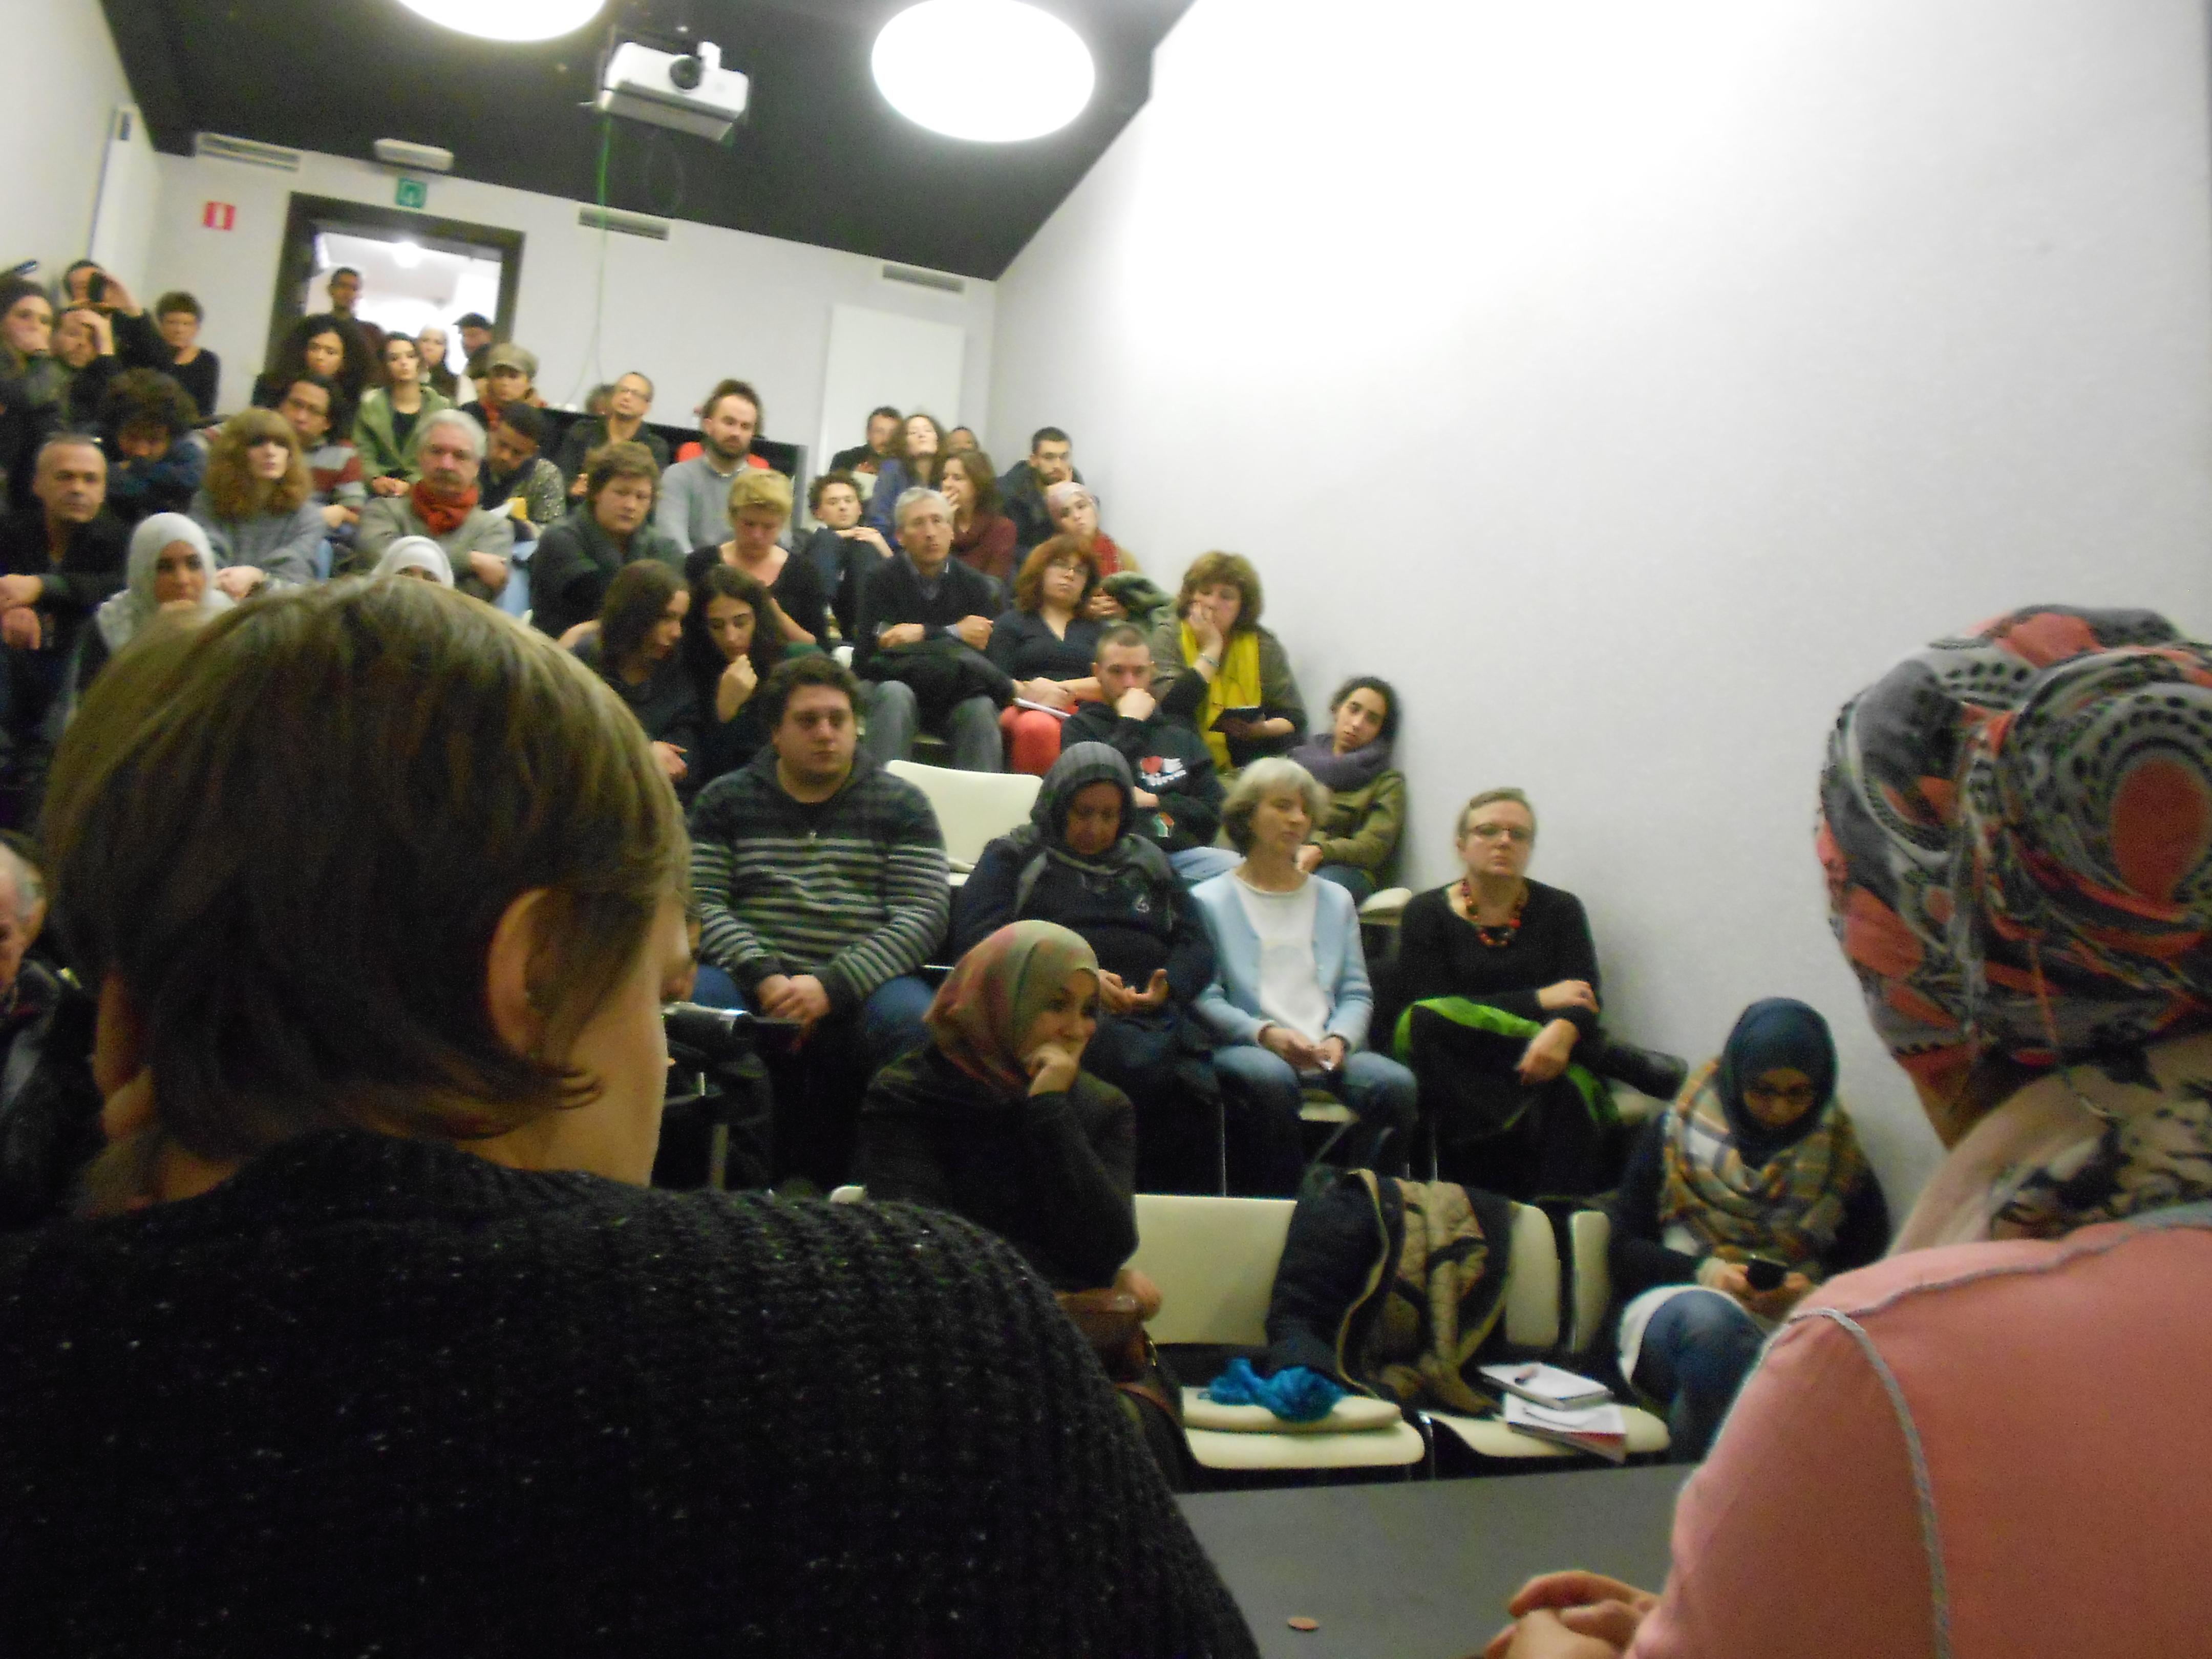 Nous voulons vous remercier pour votre participation au Meeting: Contre l'état d'urgence, l'islamophobie et la poursuite de la guerre